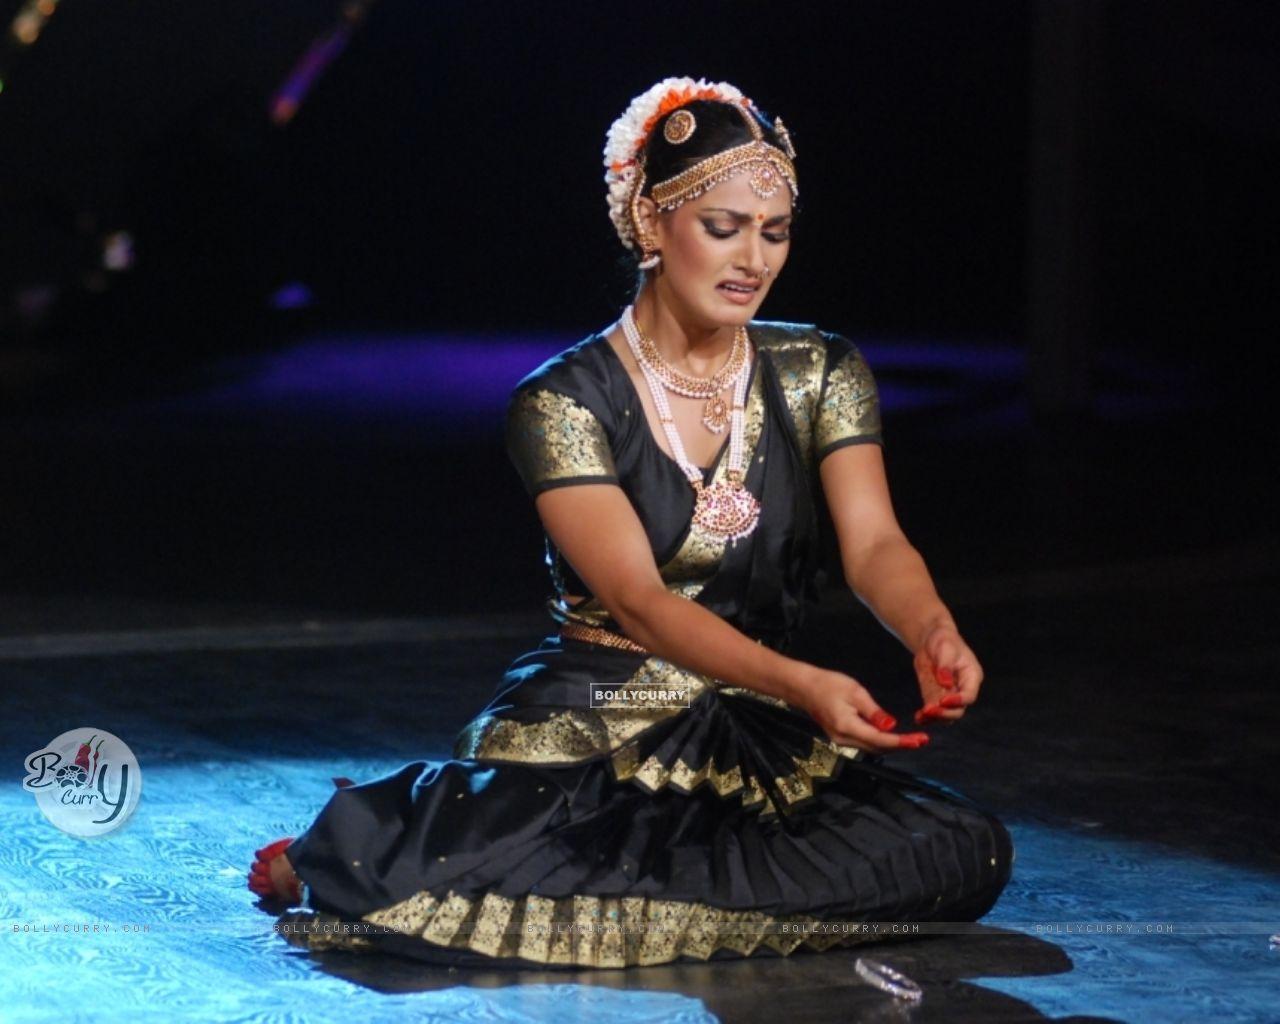 Manjula Vijayakumar Manjula Vijayakumar new images